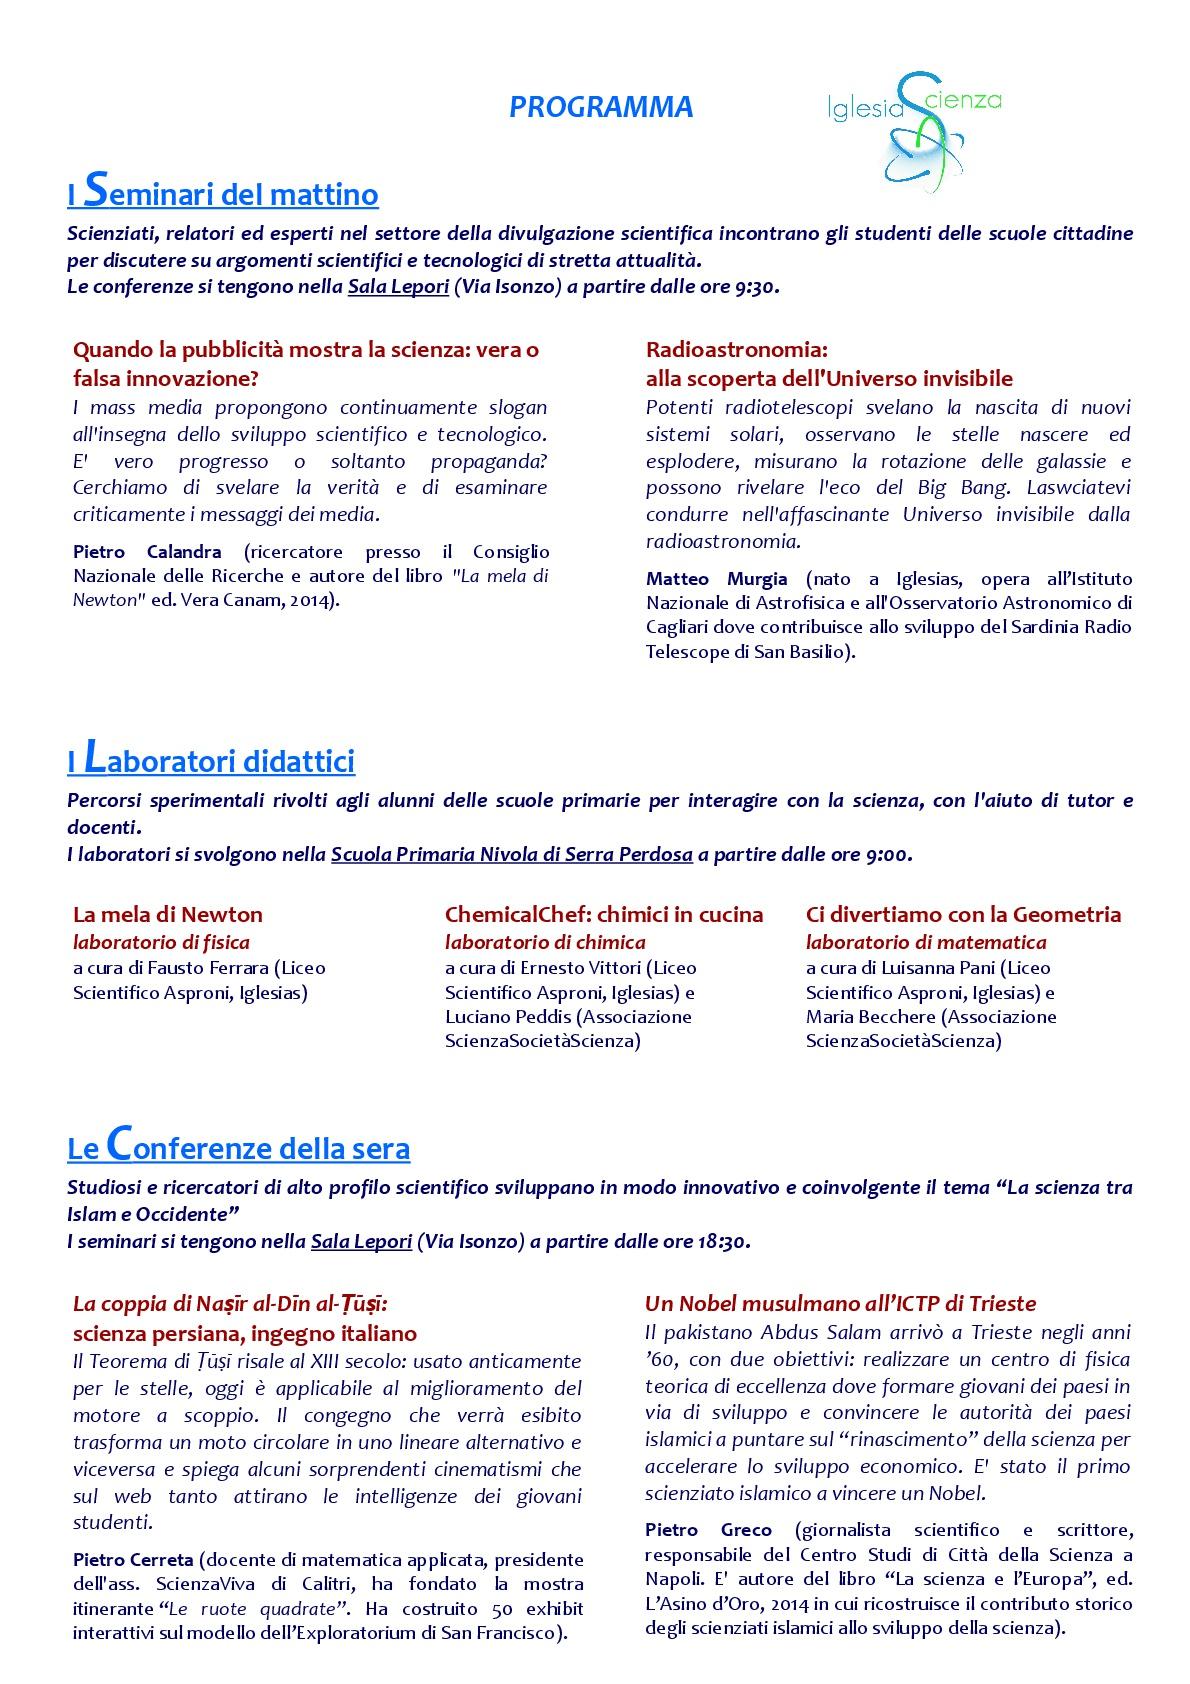 locandina-IglesiaScienza-002